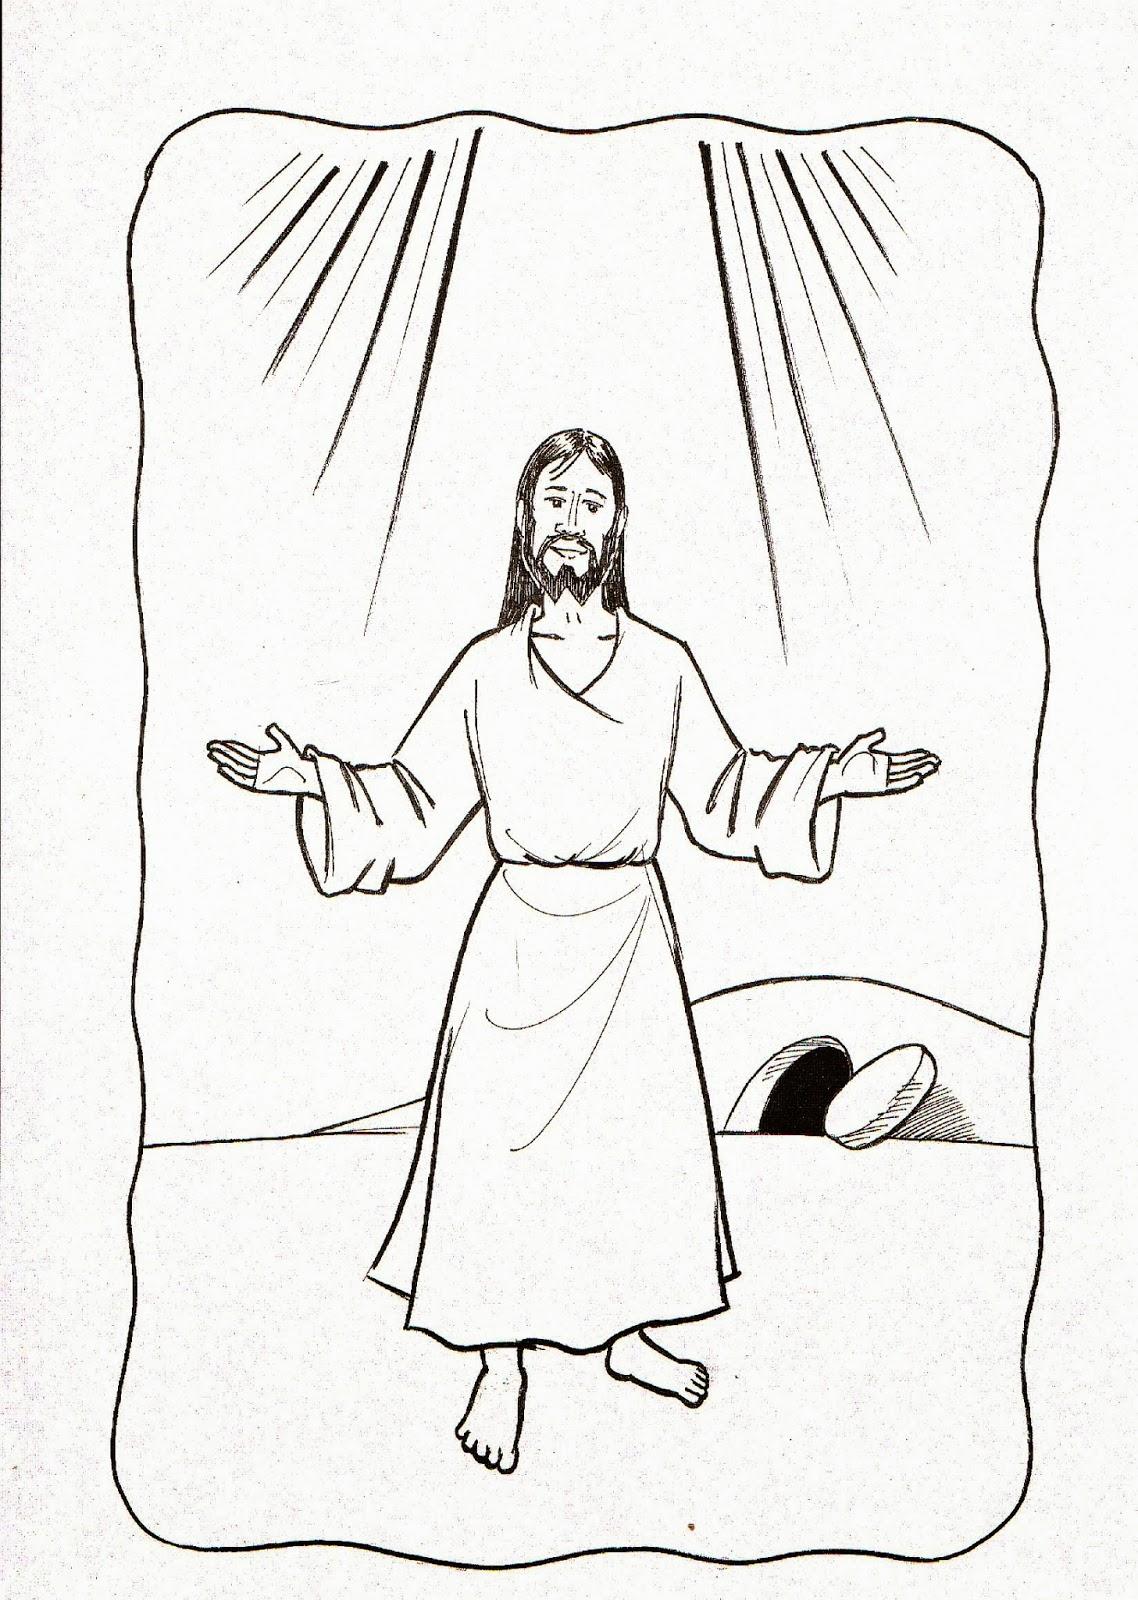 El Renuevo De Jehova: La Crucifixion De Jesus - Imagenes para ...